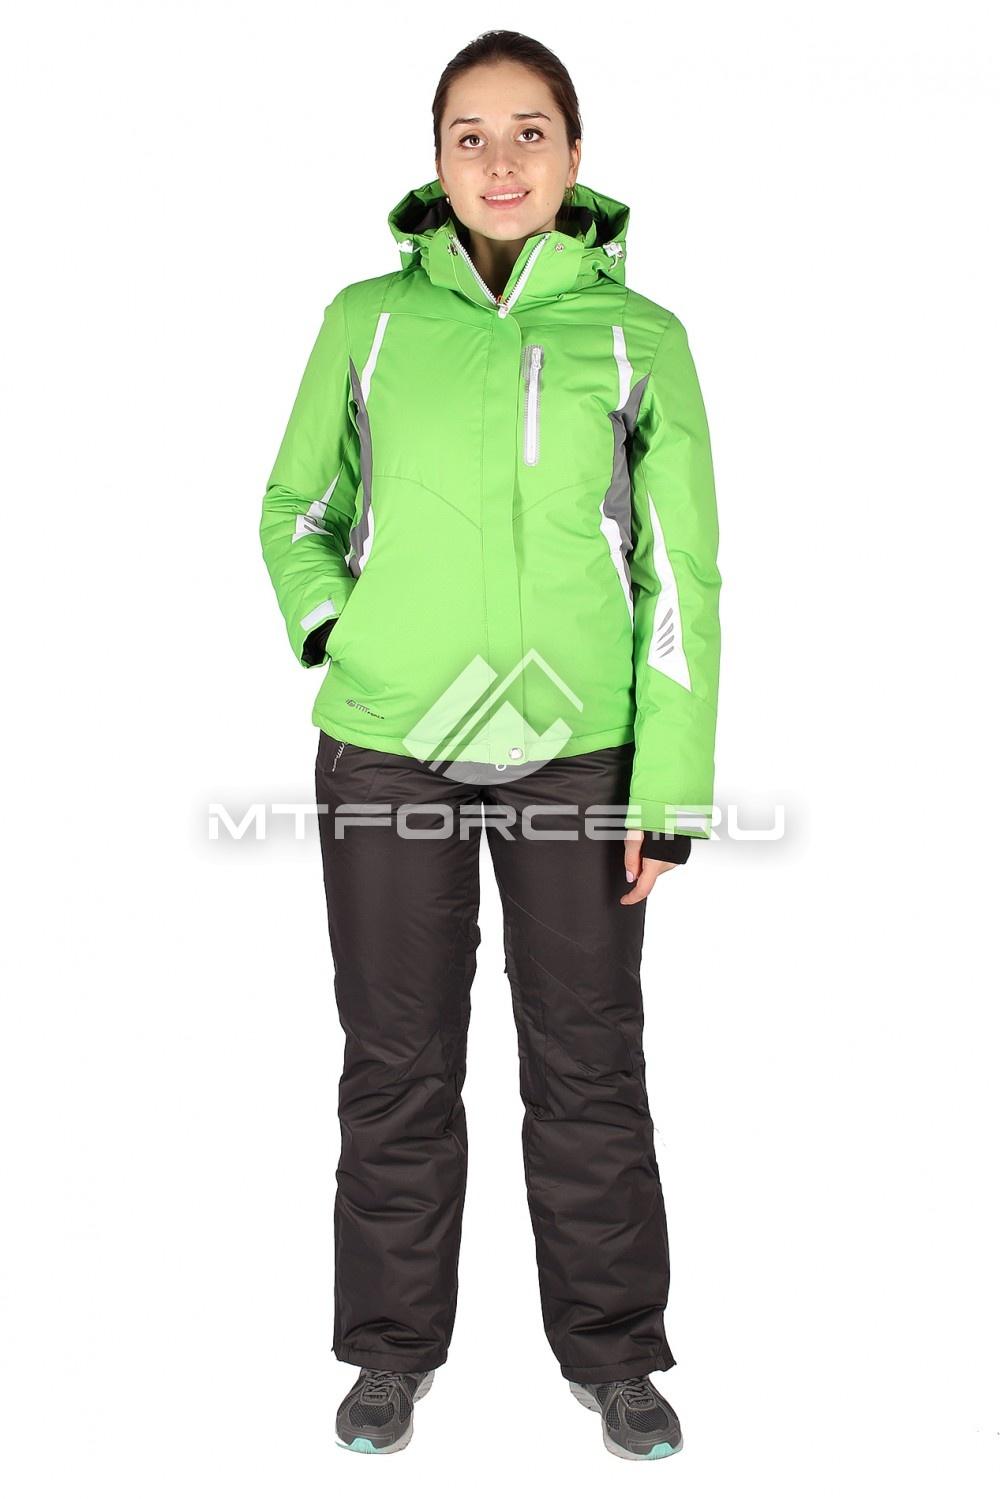 Купить                                  оптом Костюм горнолыжный женский зеленого цвета 01516Z